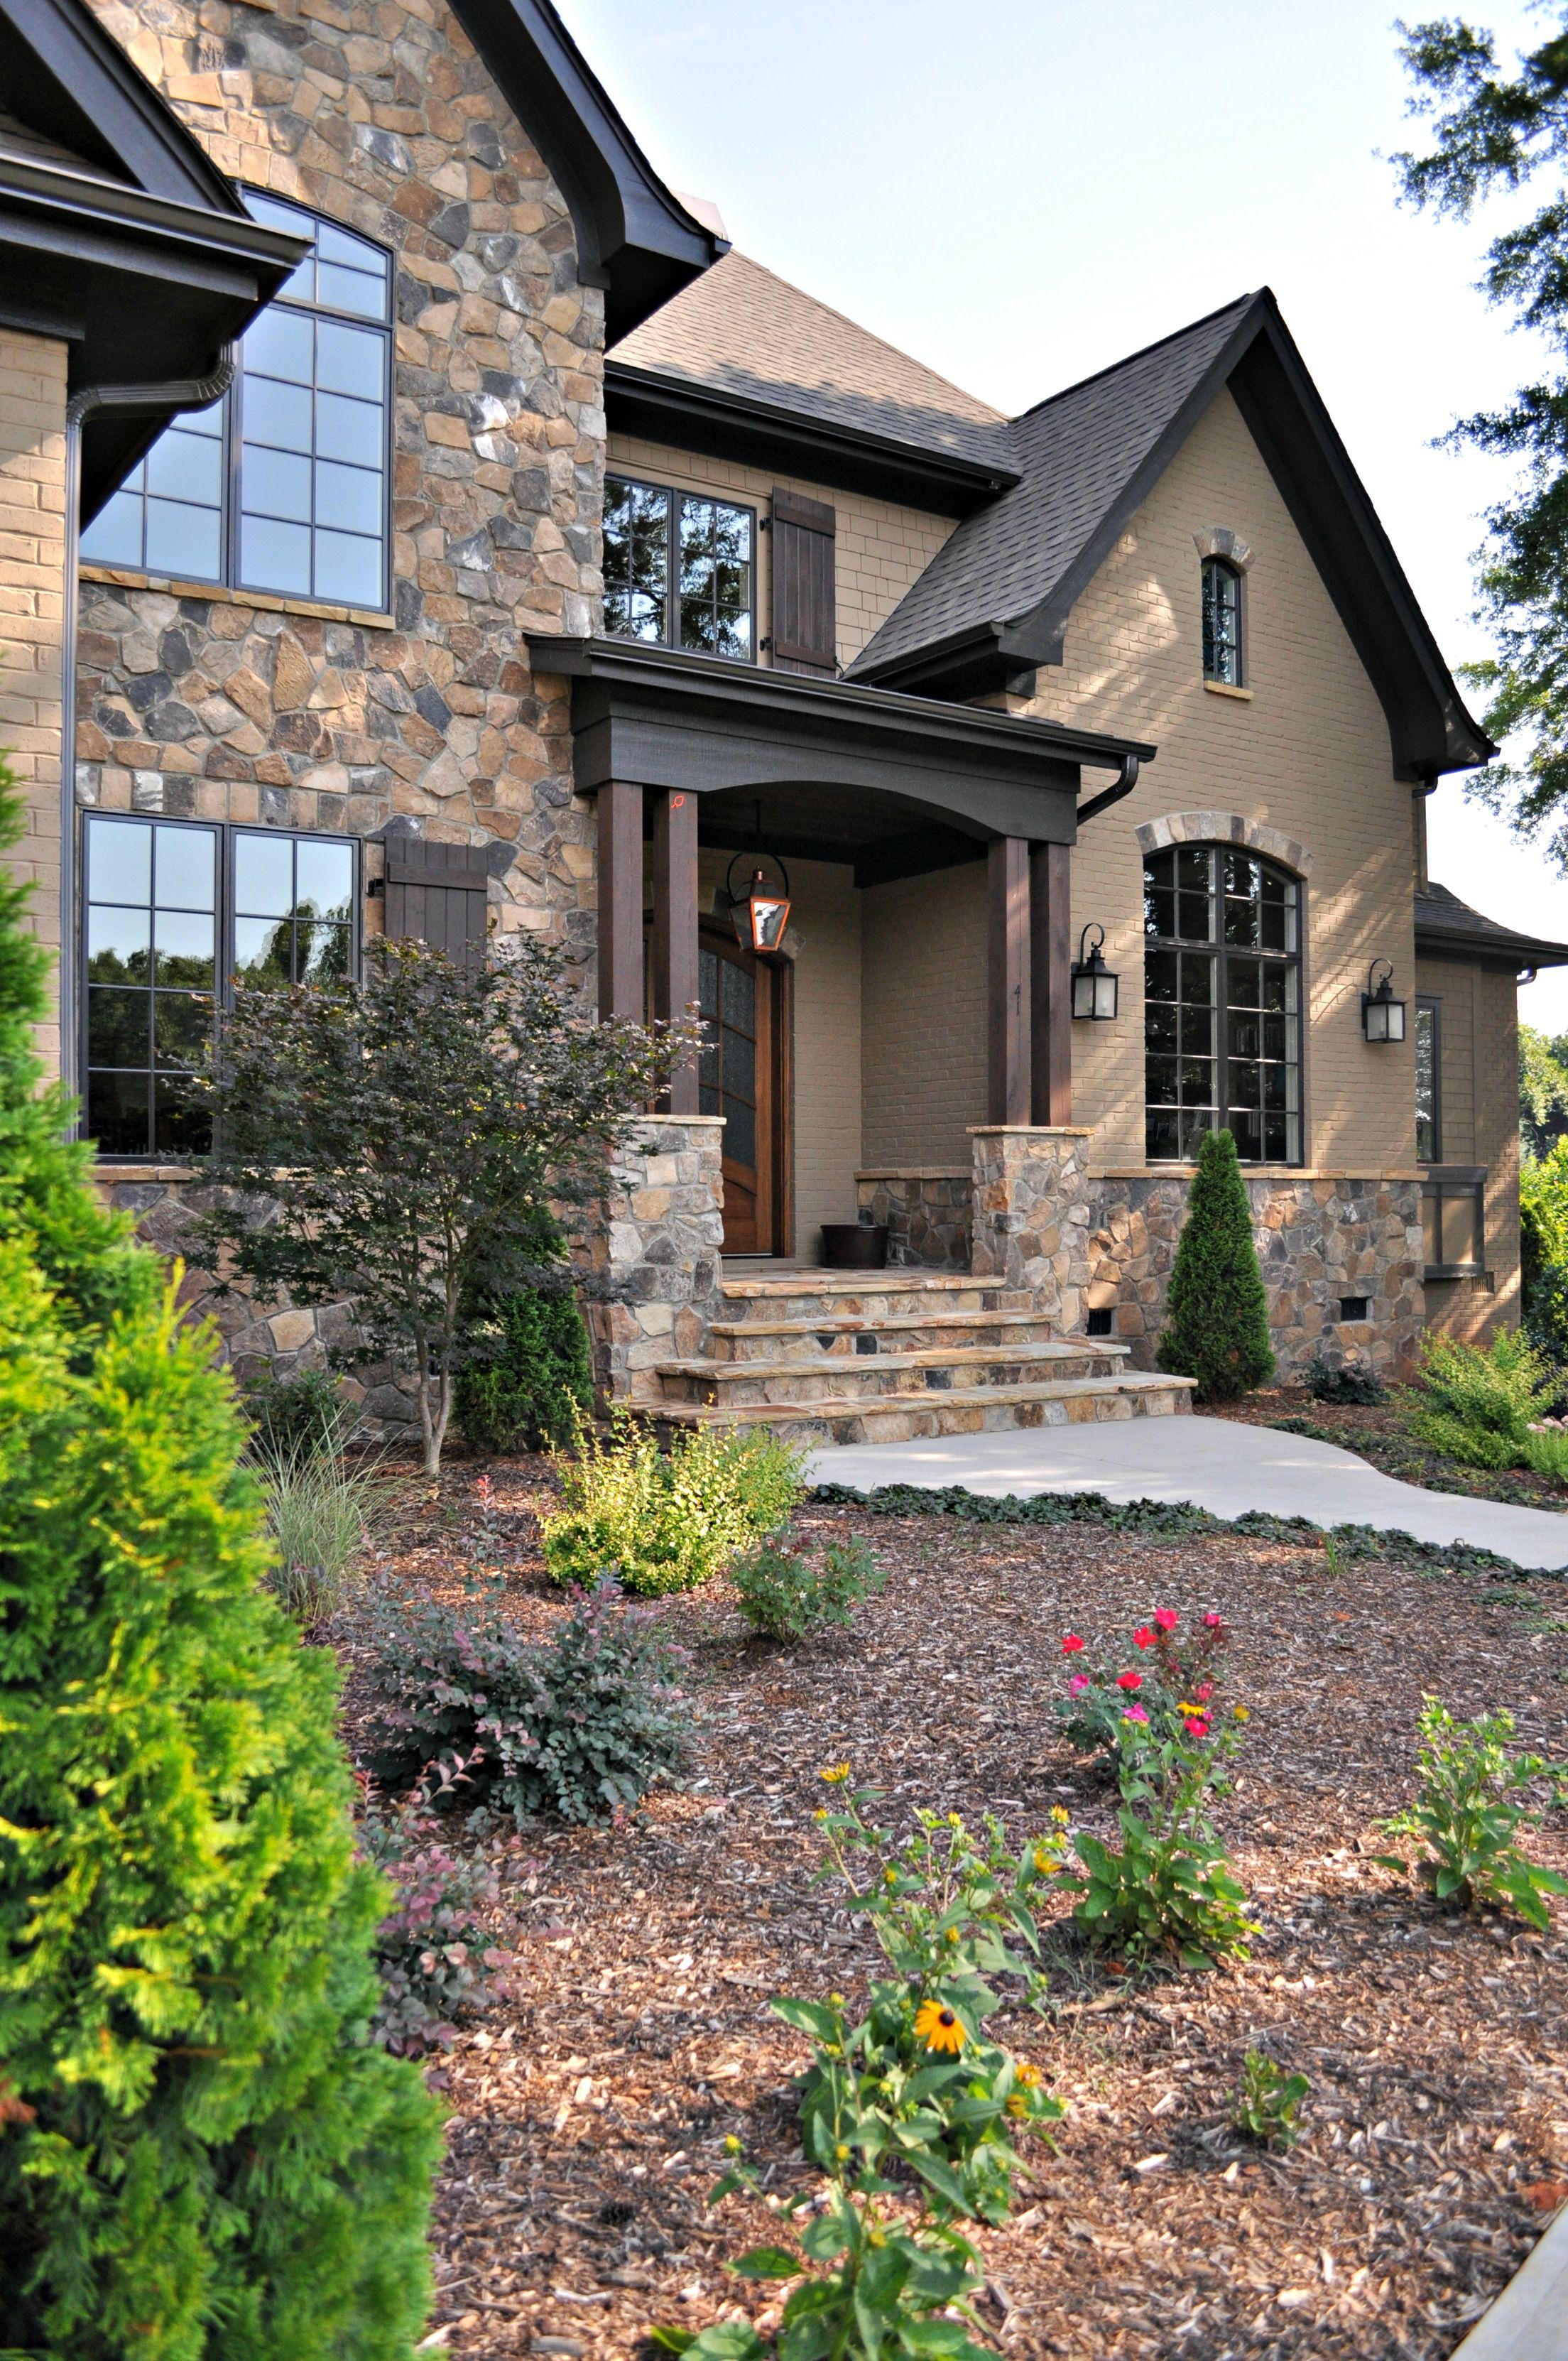 Home Exterior Views Colors Dapper Tan And Black Fox